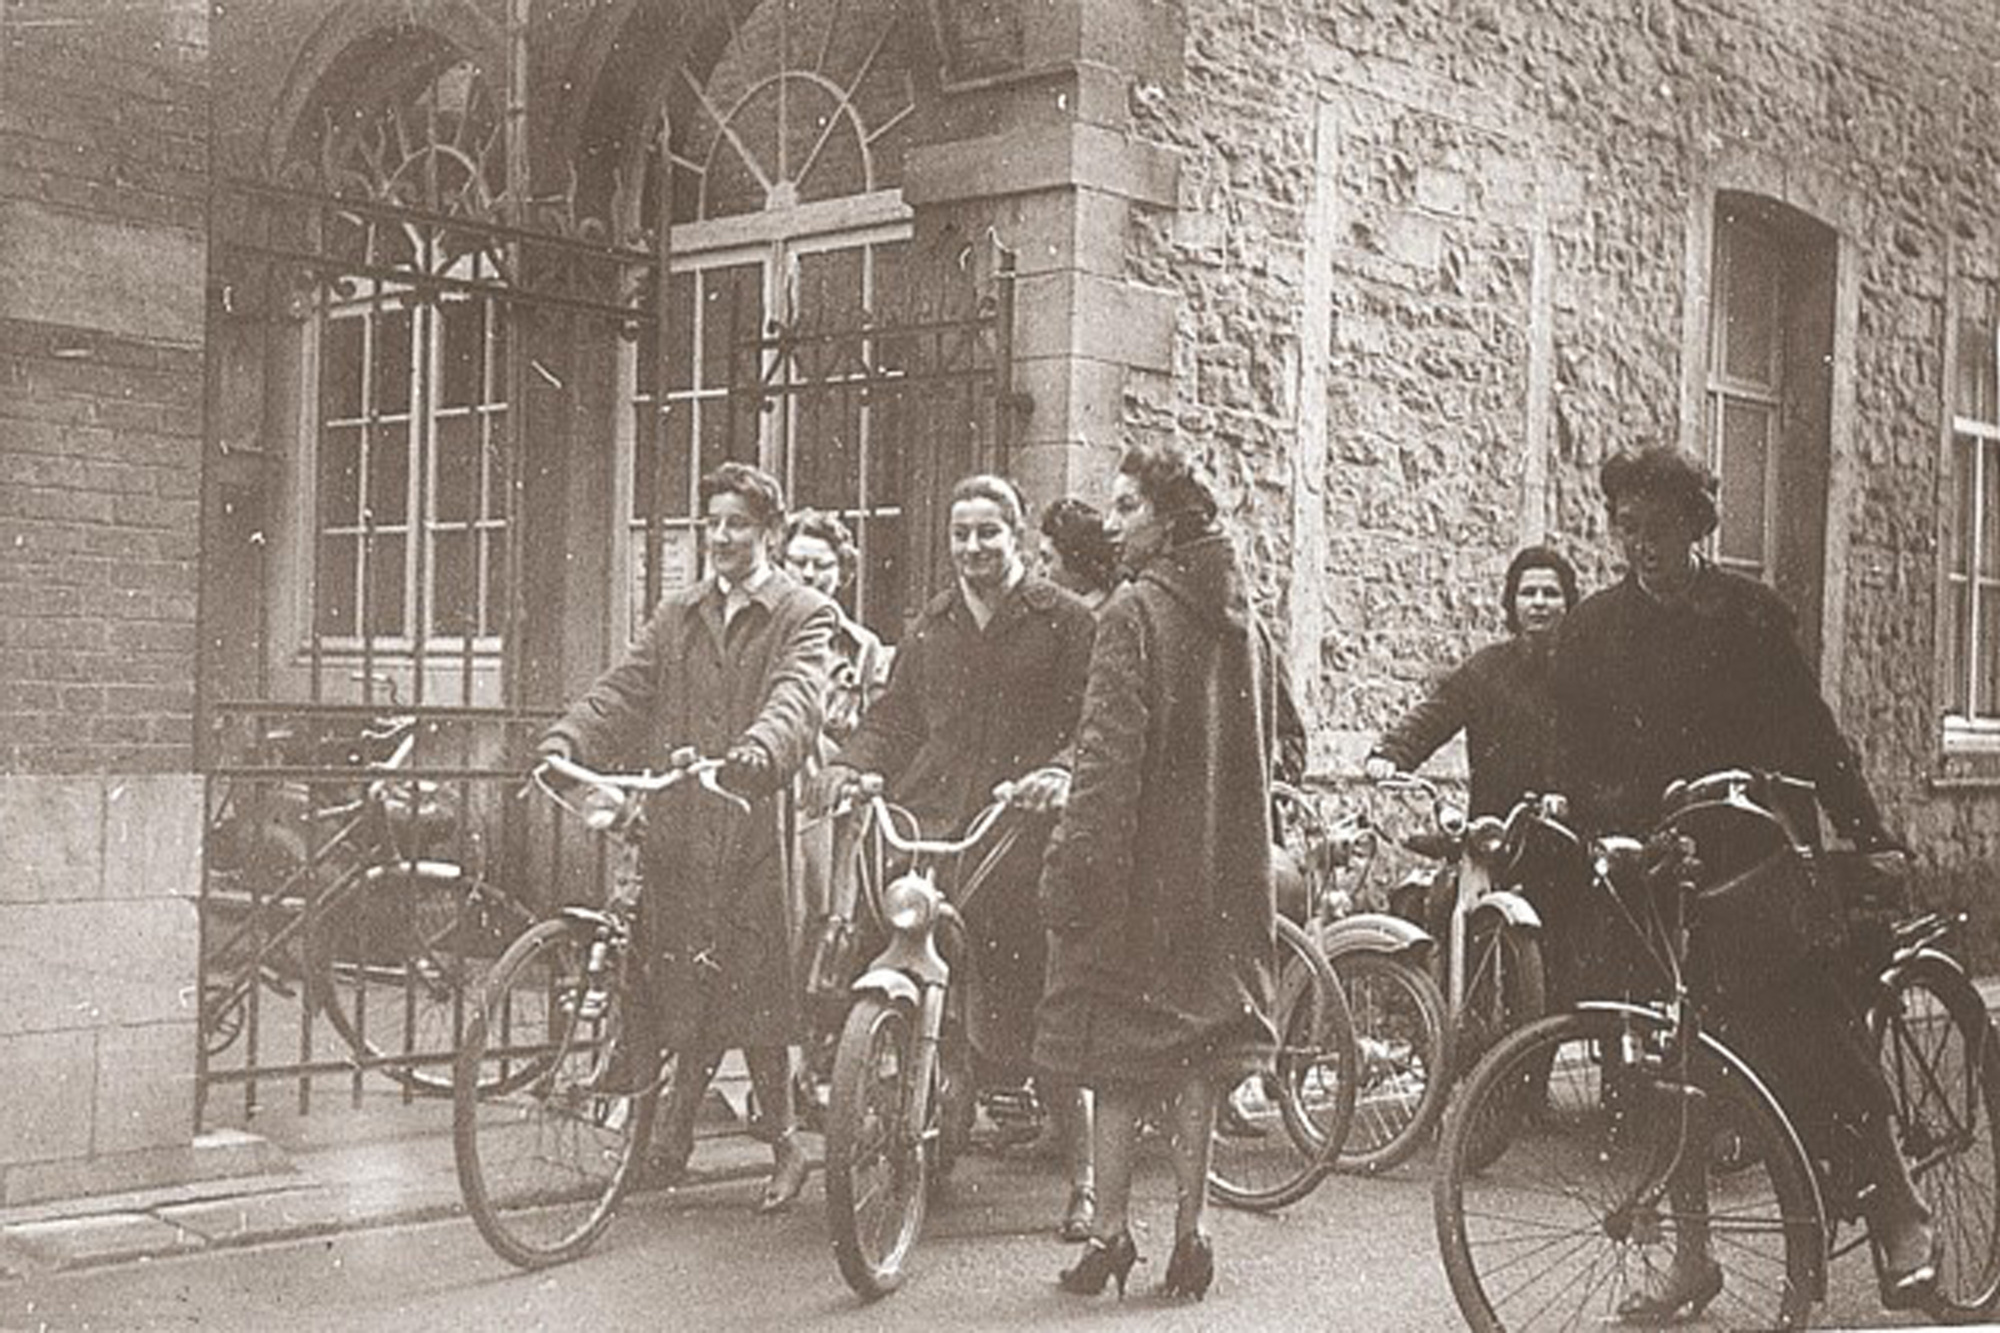 In de jaren 40 werden de thuisverpleegkundigen van het Wit-Gele Kruis in de volksmond 'vliegmachientjes' genoemd - omdat ze zo vlug van de ene naar de andere patiënt koersten met hun fiets., /